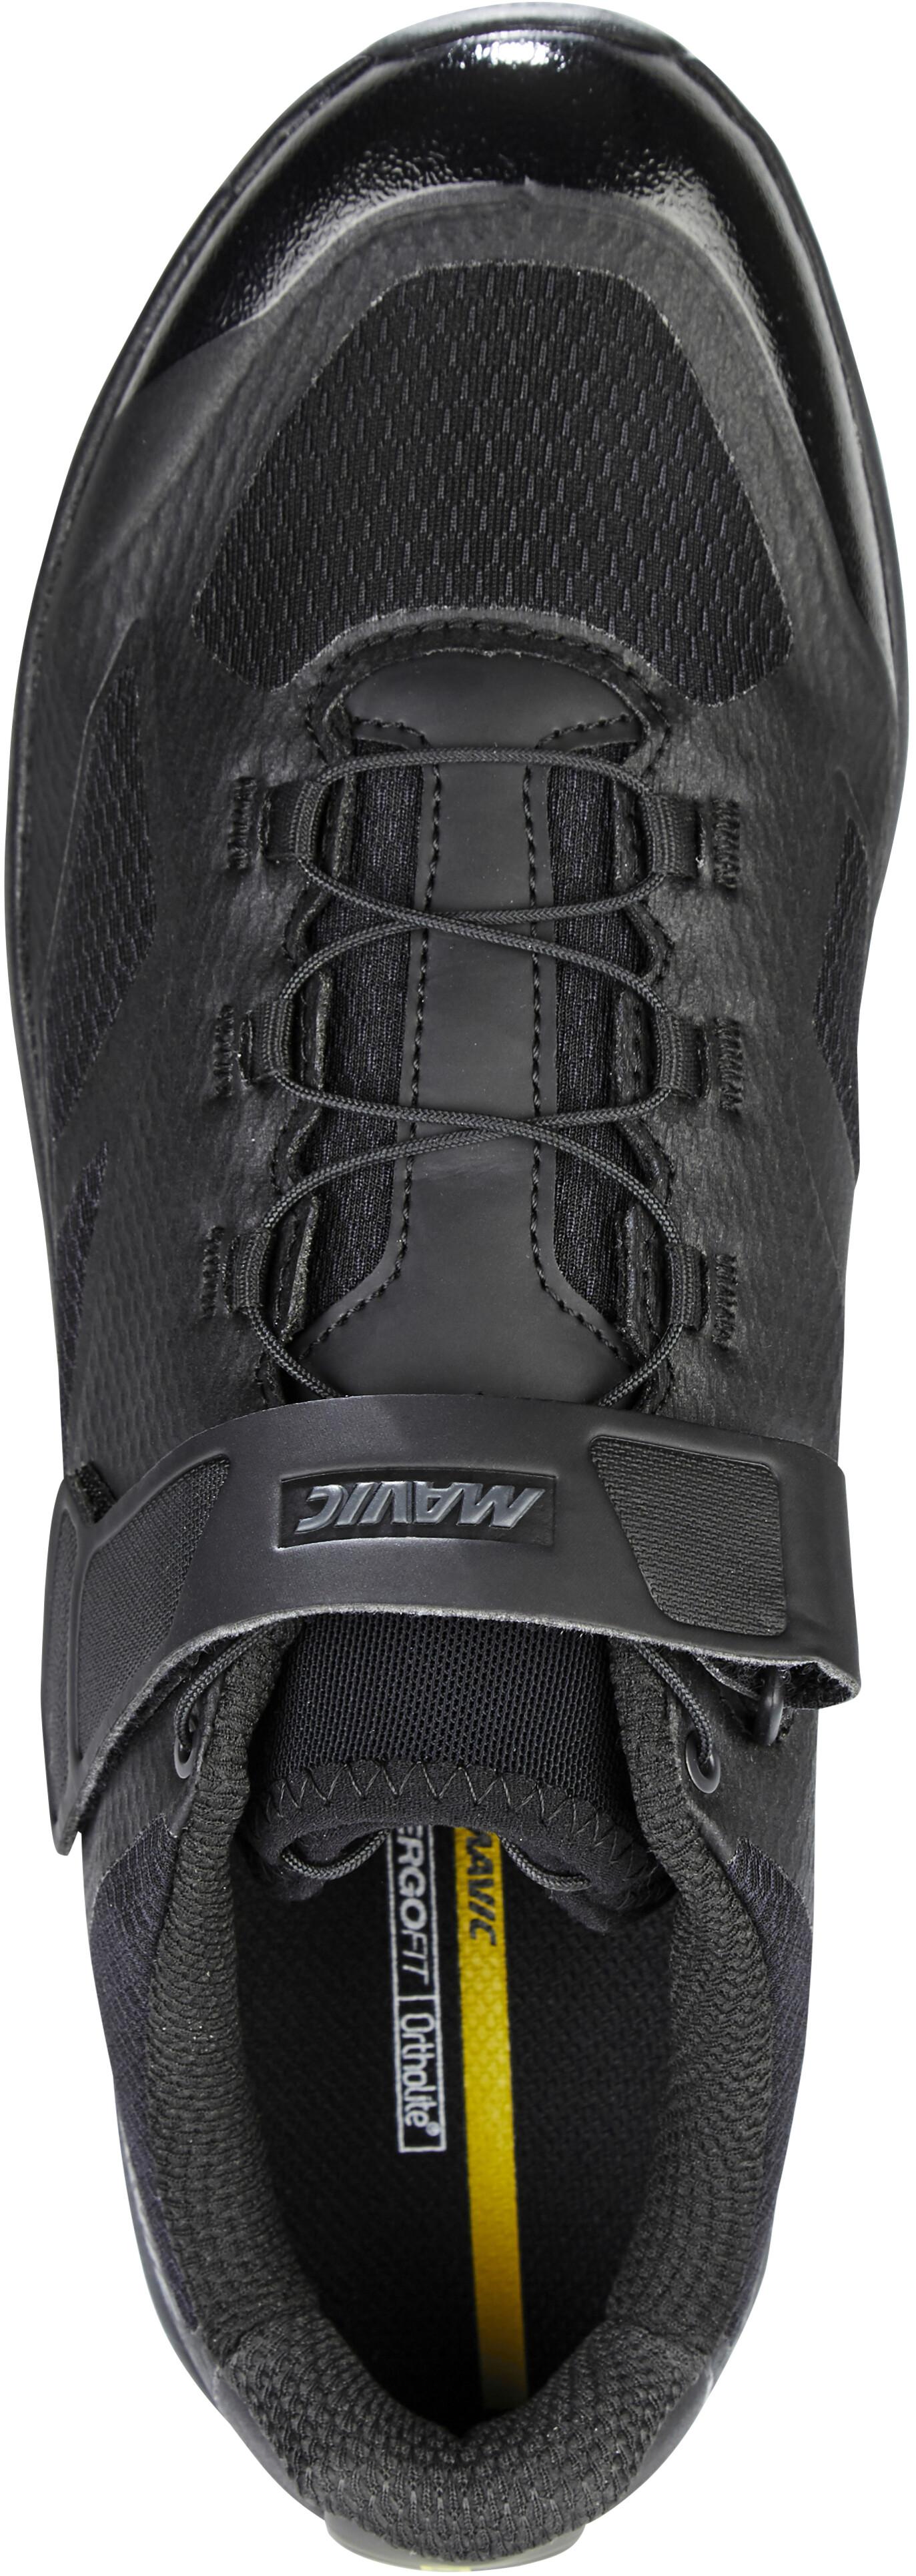 d2e0426f Mavic XA Elite II sko Herre black/phantom/black | Gode tilbud hos ...